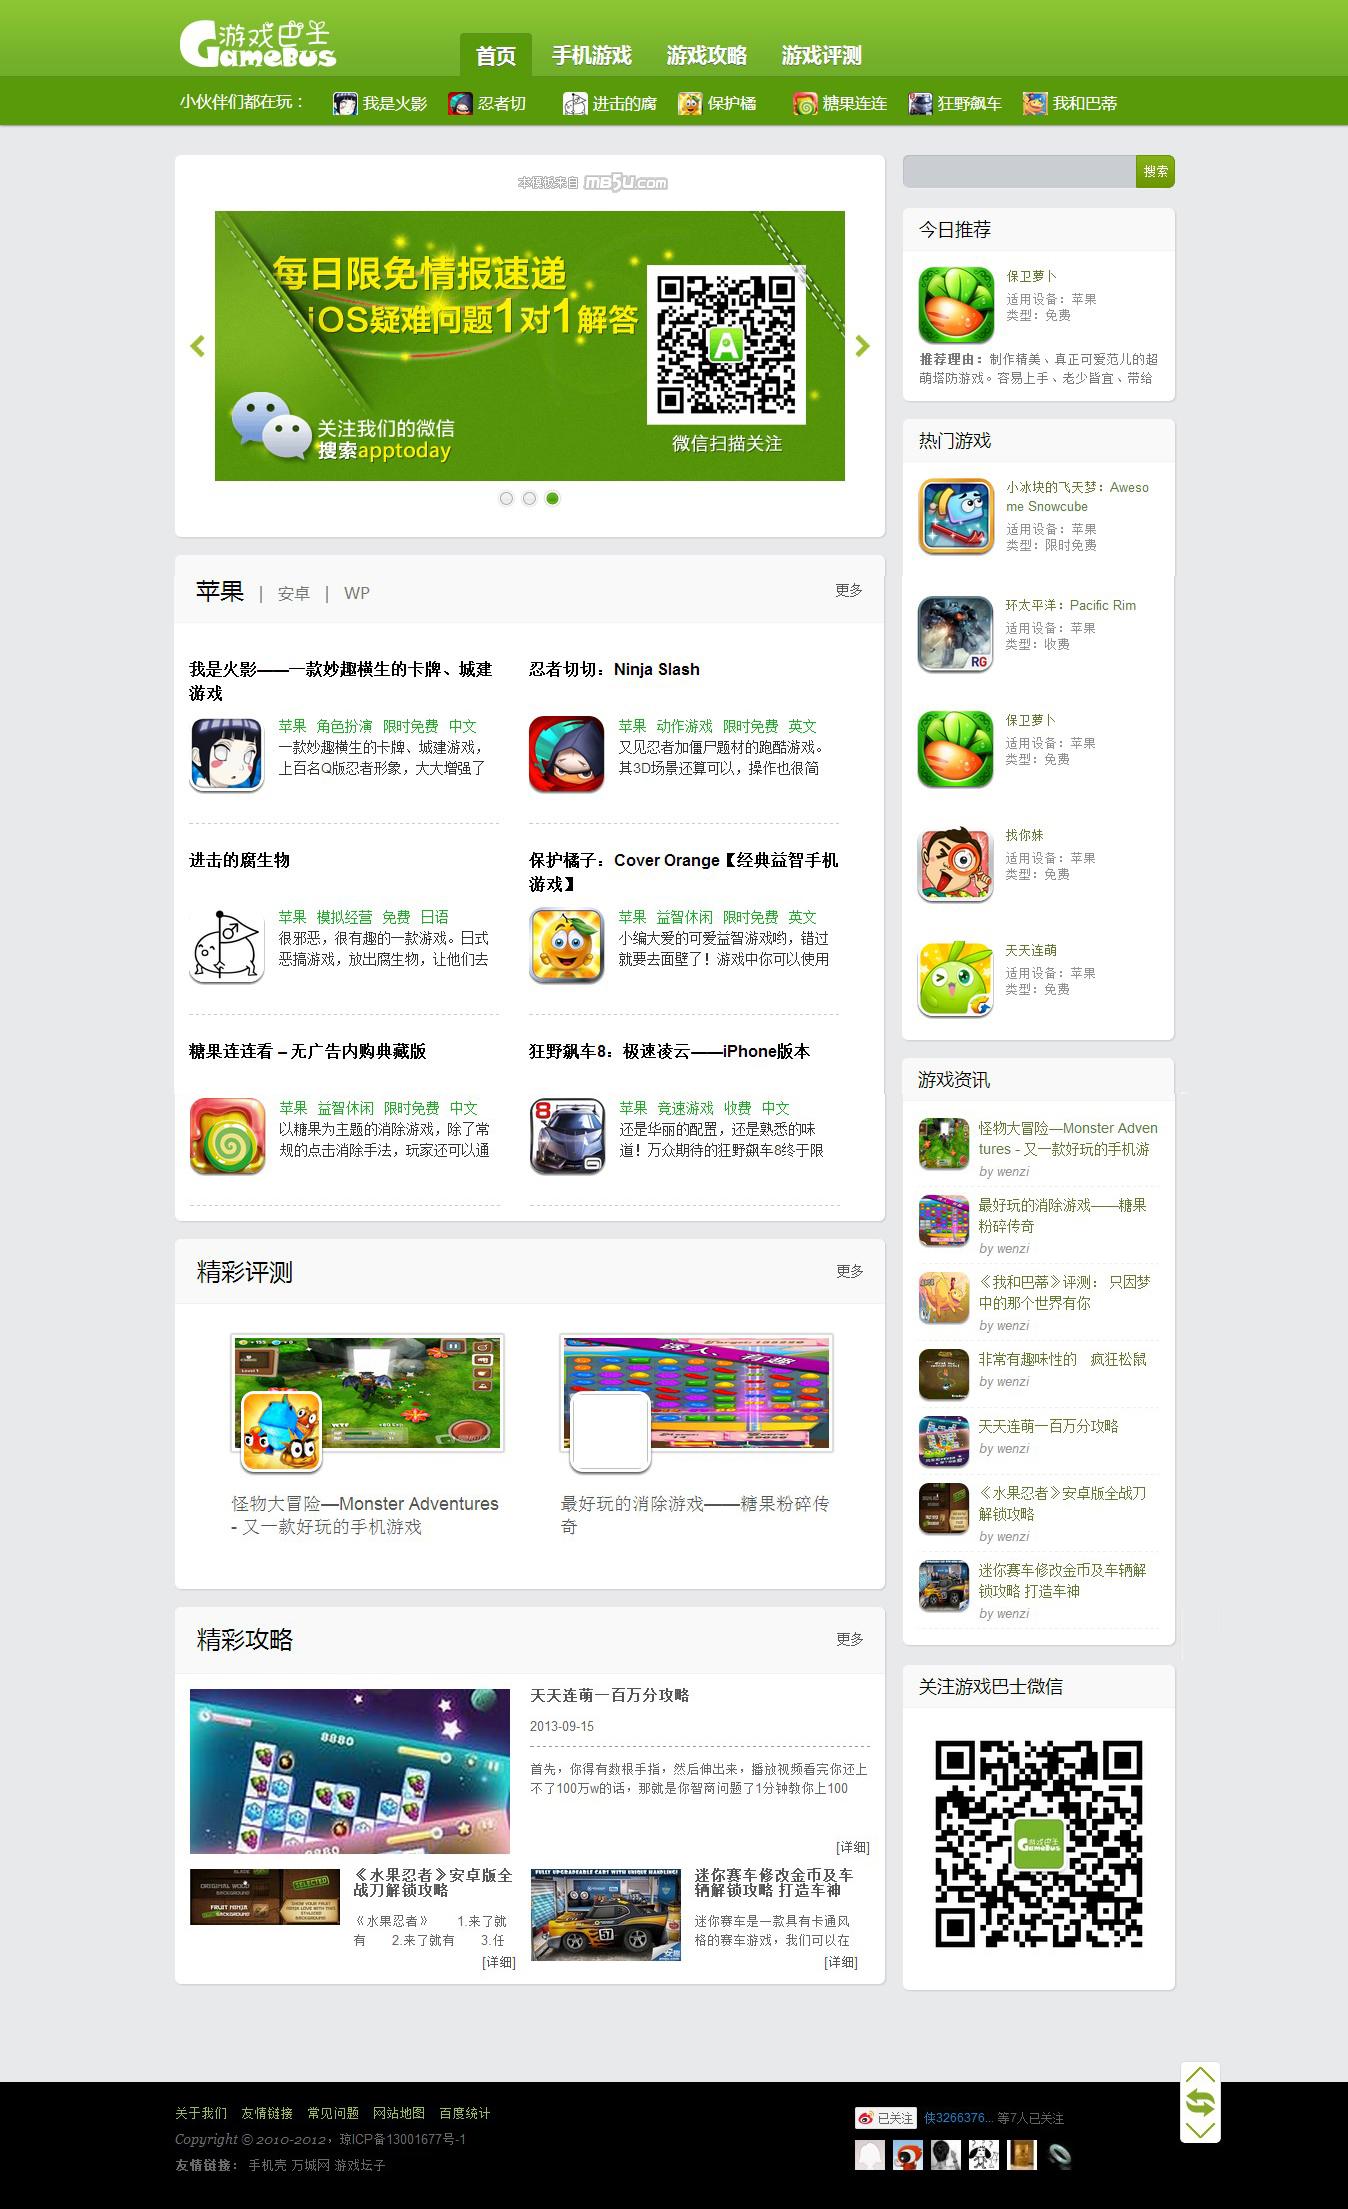 帝国cms手机游戏应用网站模板